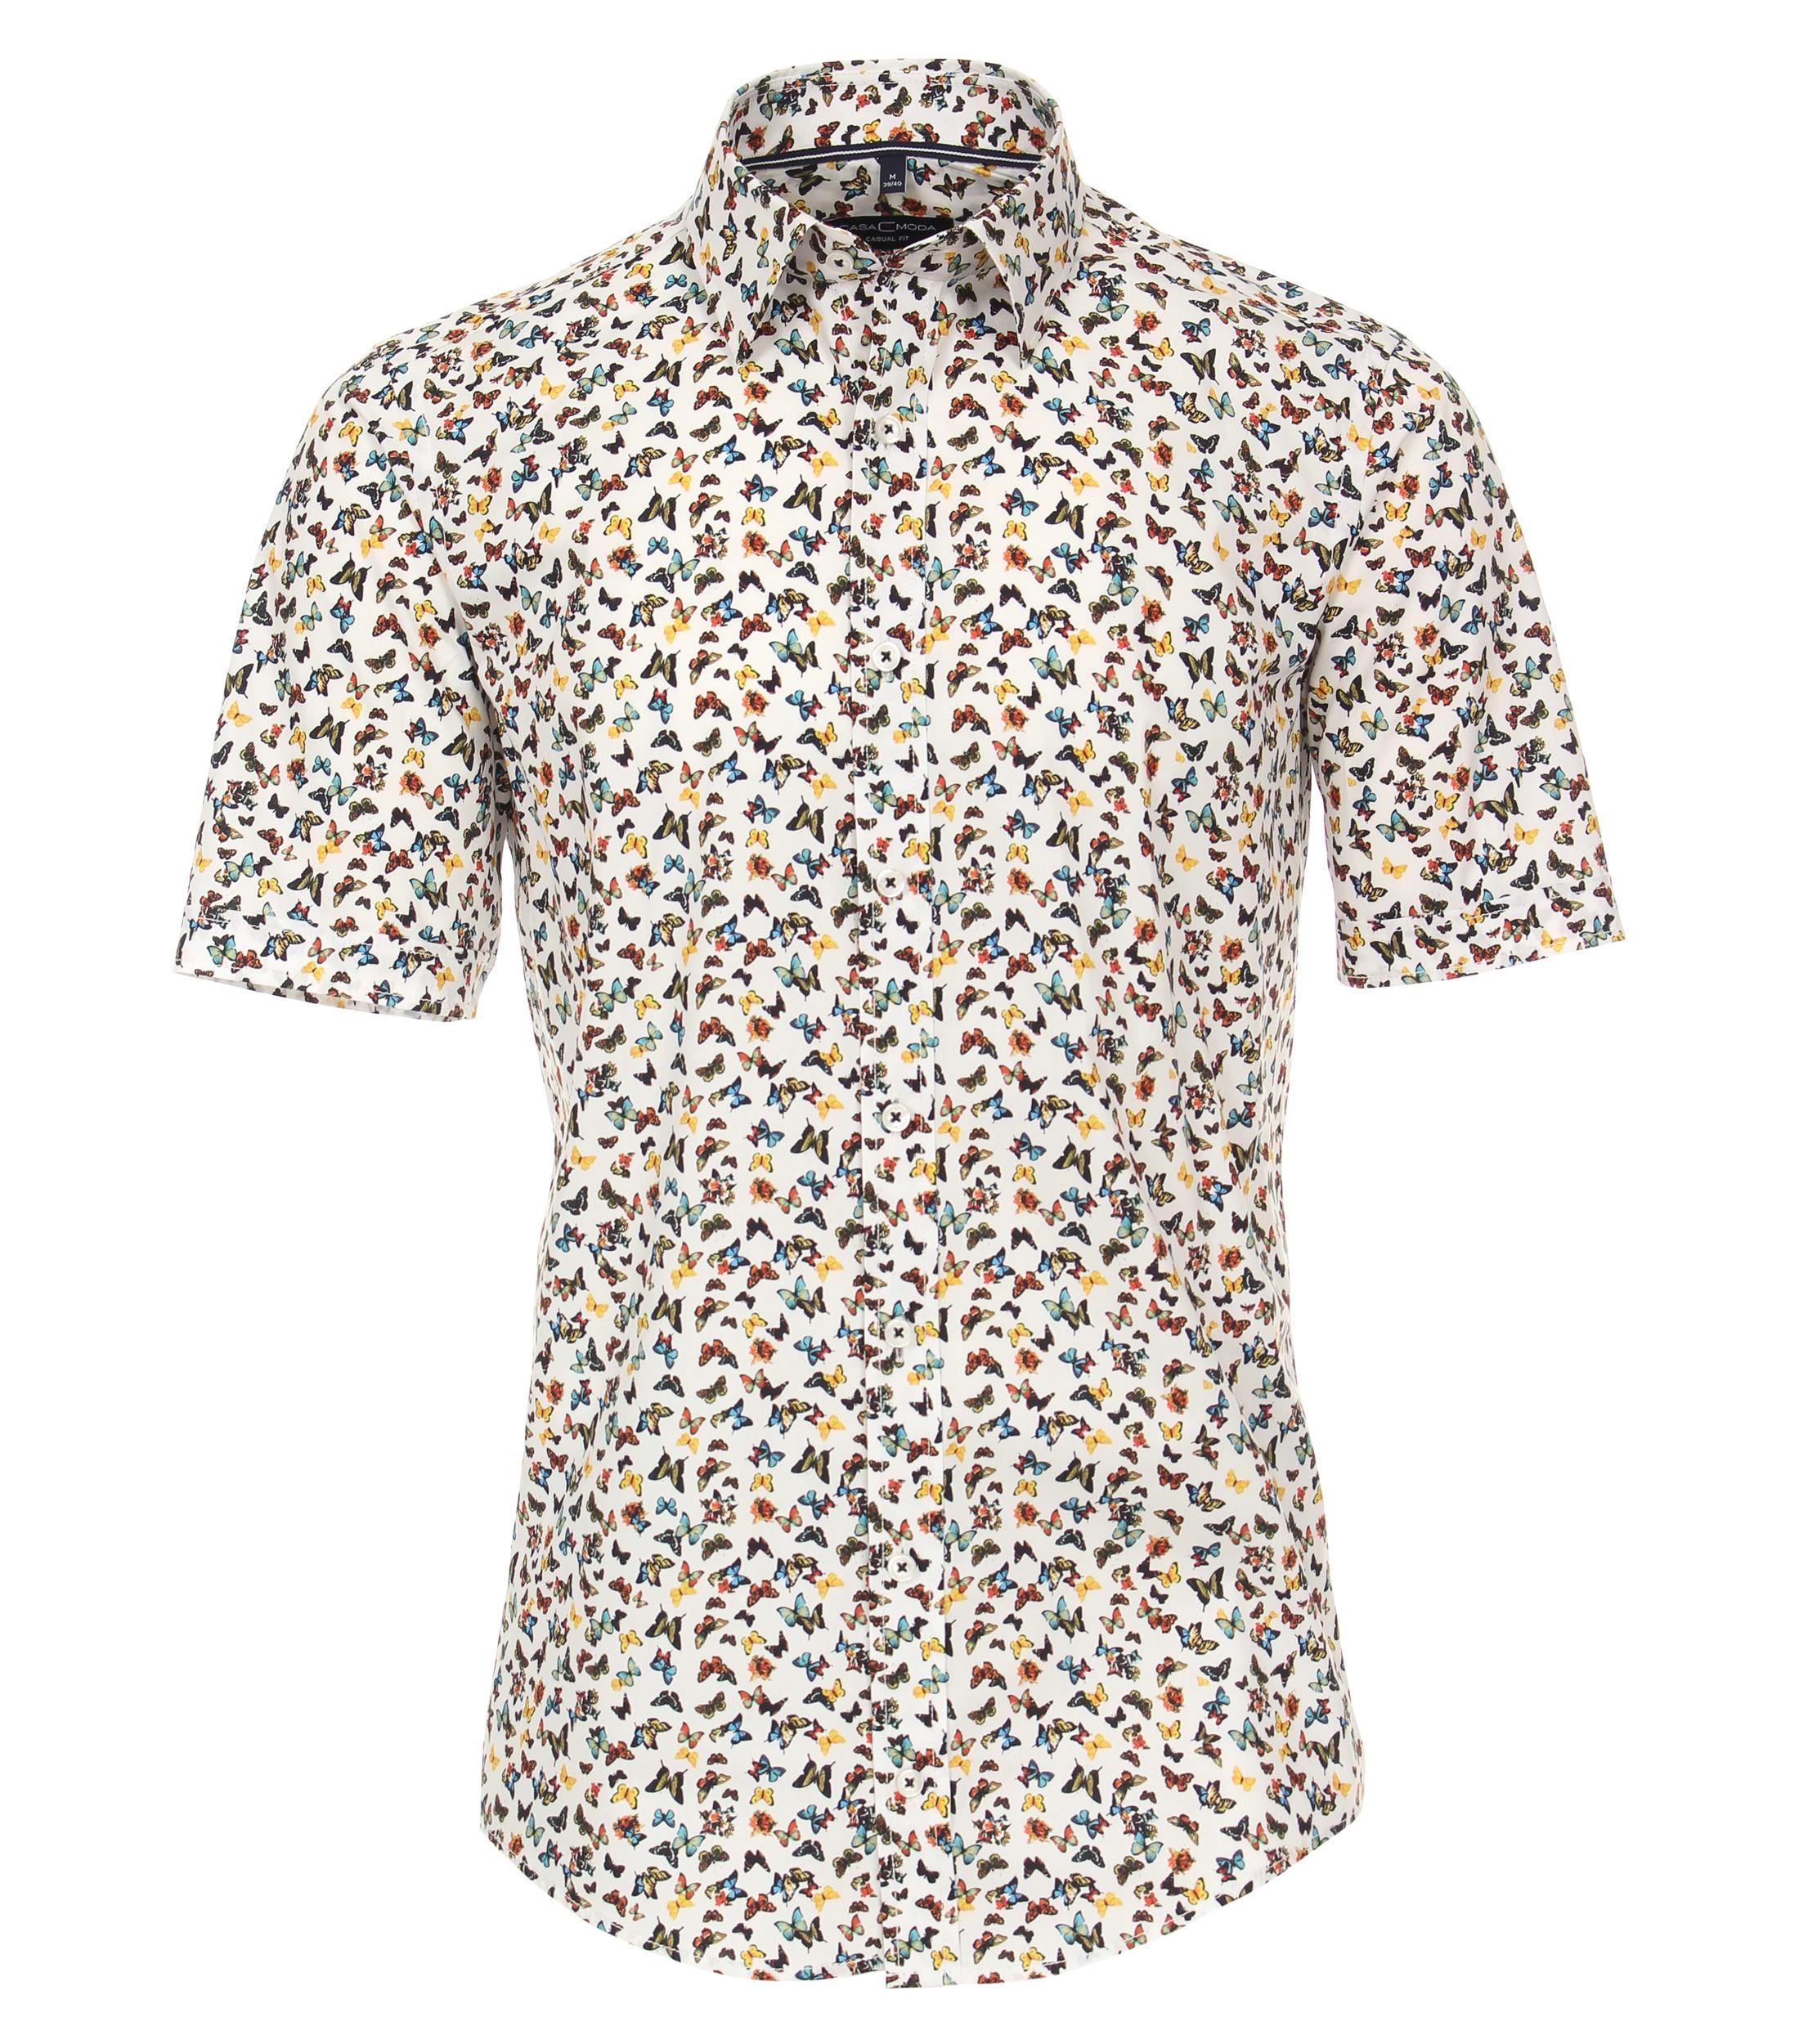 Overhemd van merk CASA MODA in de kleur wit, gemaakt van 100% katoen, met all over vlinder print. Het modieuze vrijetijdsshirt is gemaakt van puur katoen. De all-over print voegt modieuze accenten toe en betert stijlvol elke vrijetijdslook. Een echte must have voor de modebewuste man. Combineer met jeans of chino's, het overhemd is met elke outfit een echte eye catcher.